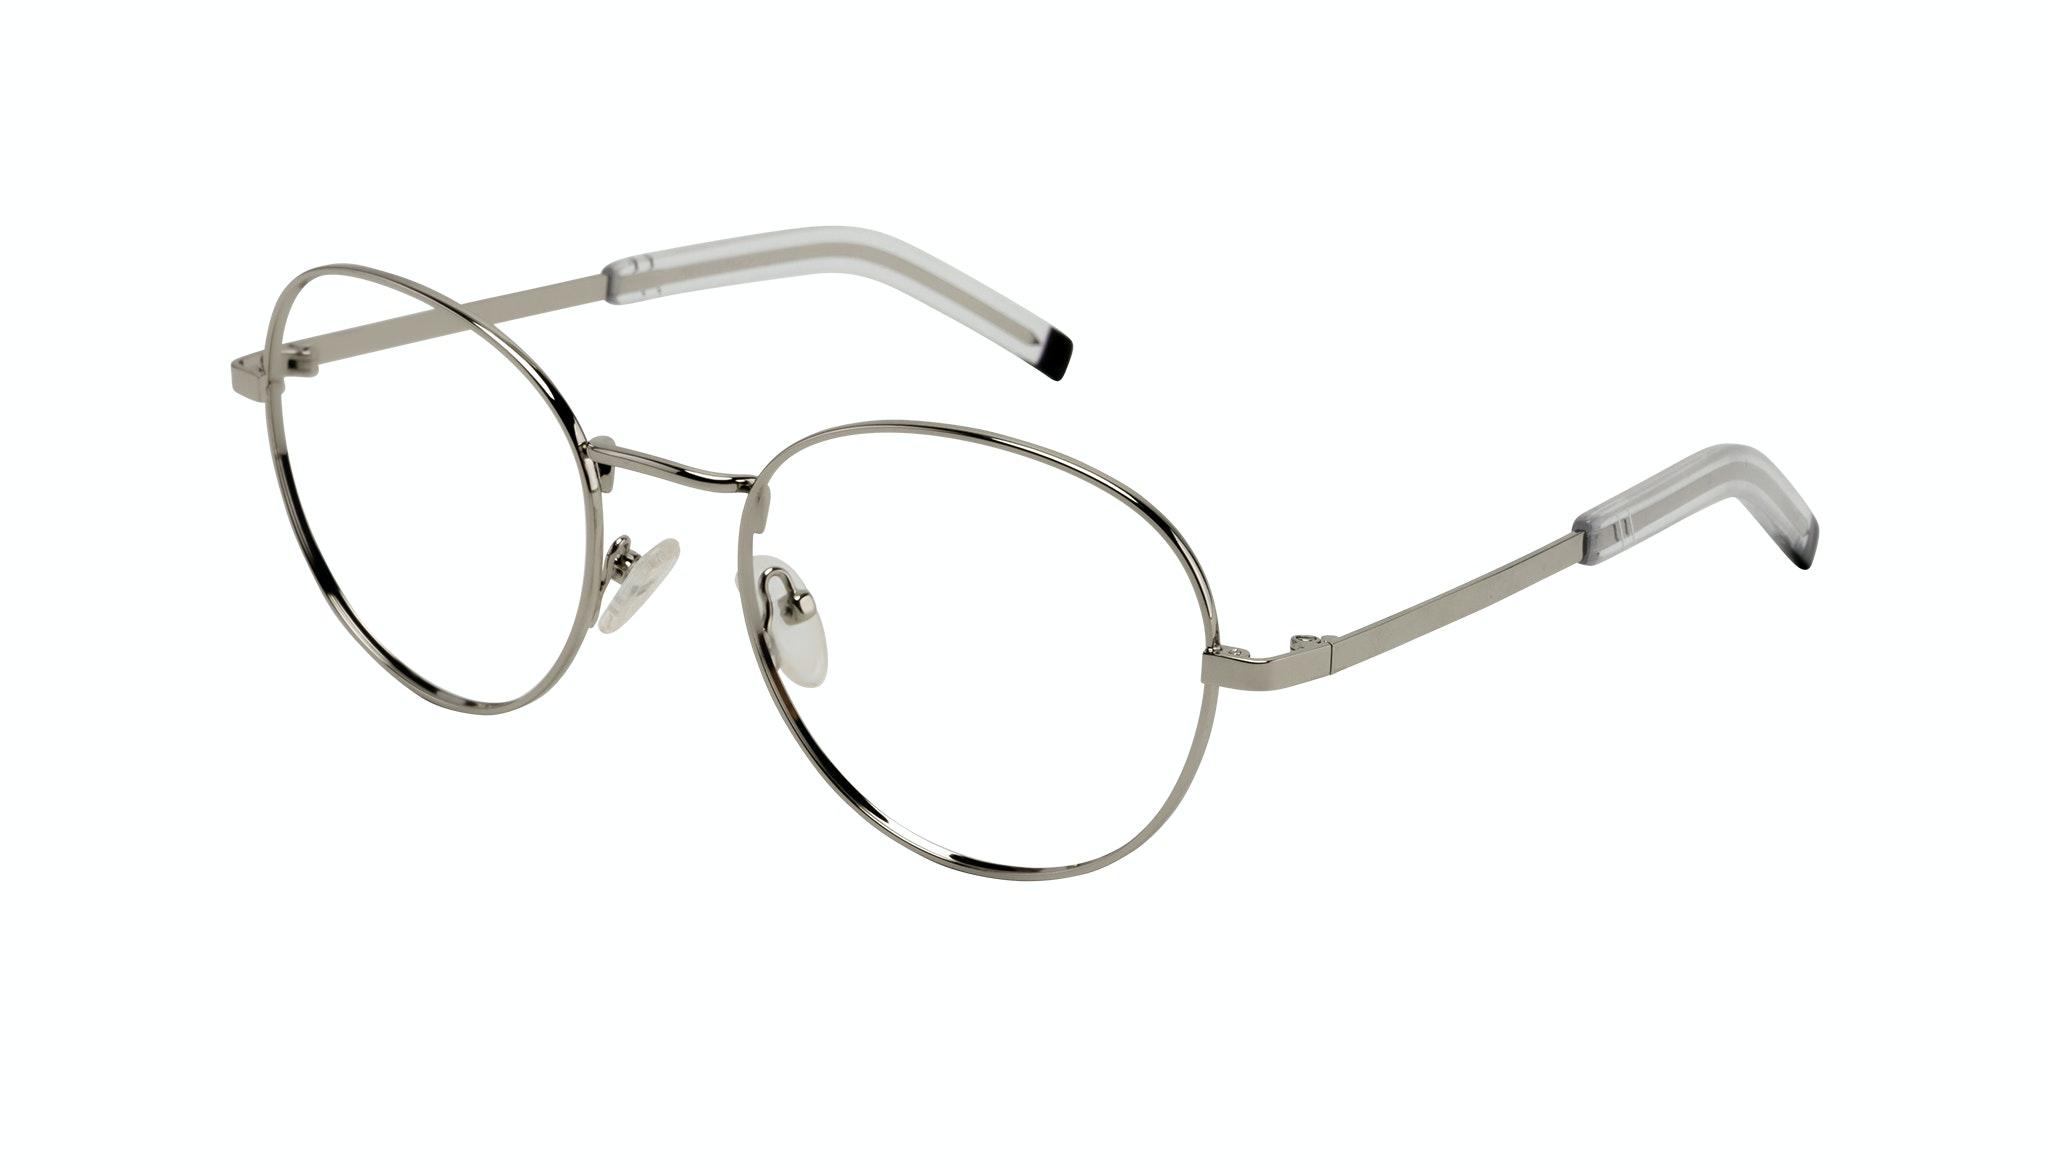 Lunettes tendance Ronde Lunettes de vue Hommes Lean XL Silver Incliné